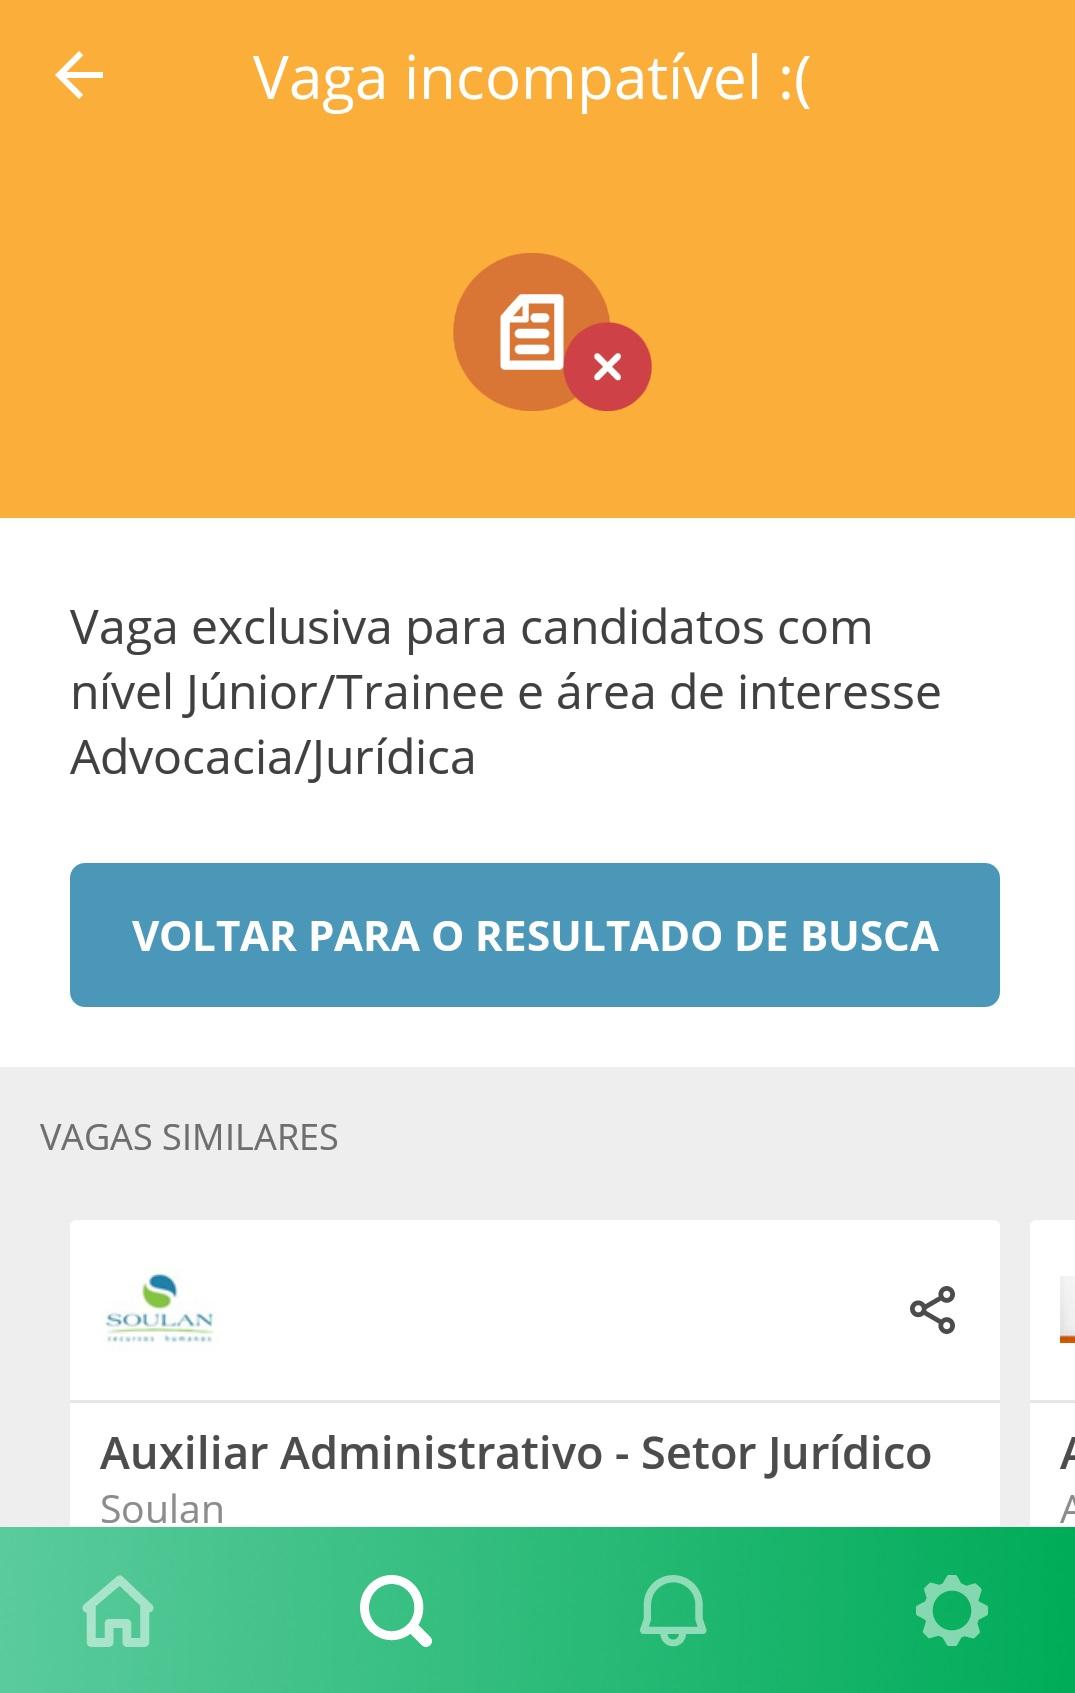 Vaga incompatível - App VAGAS